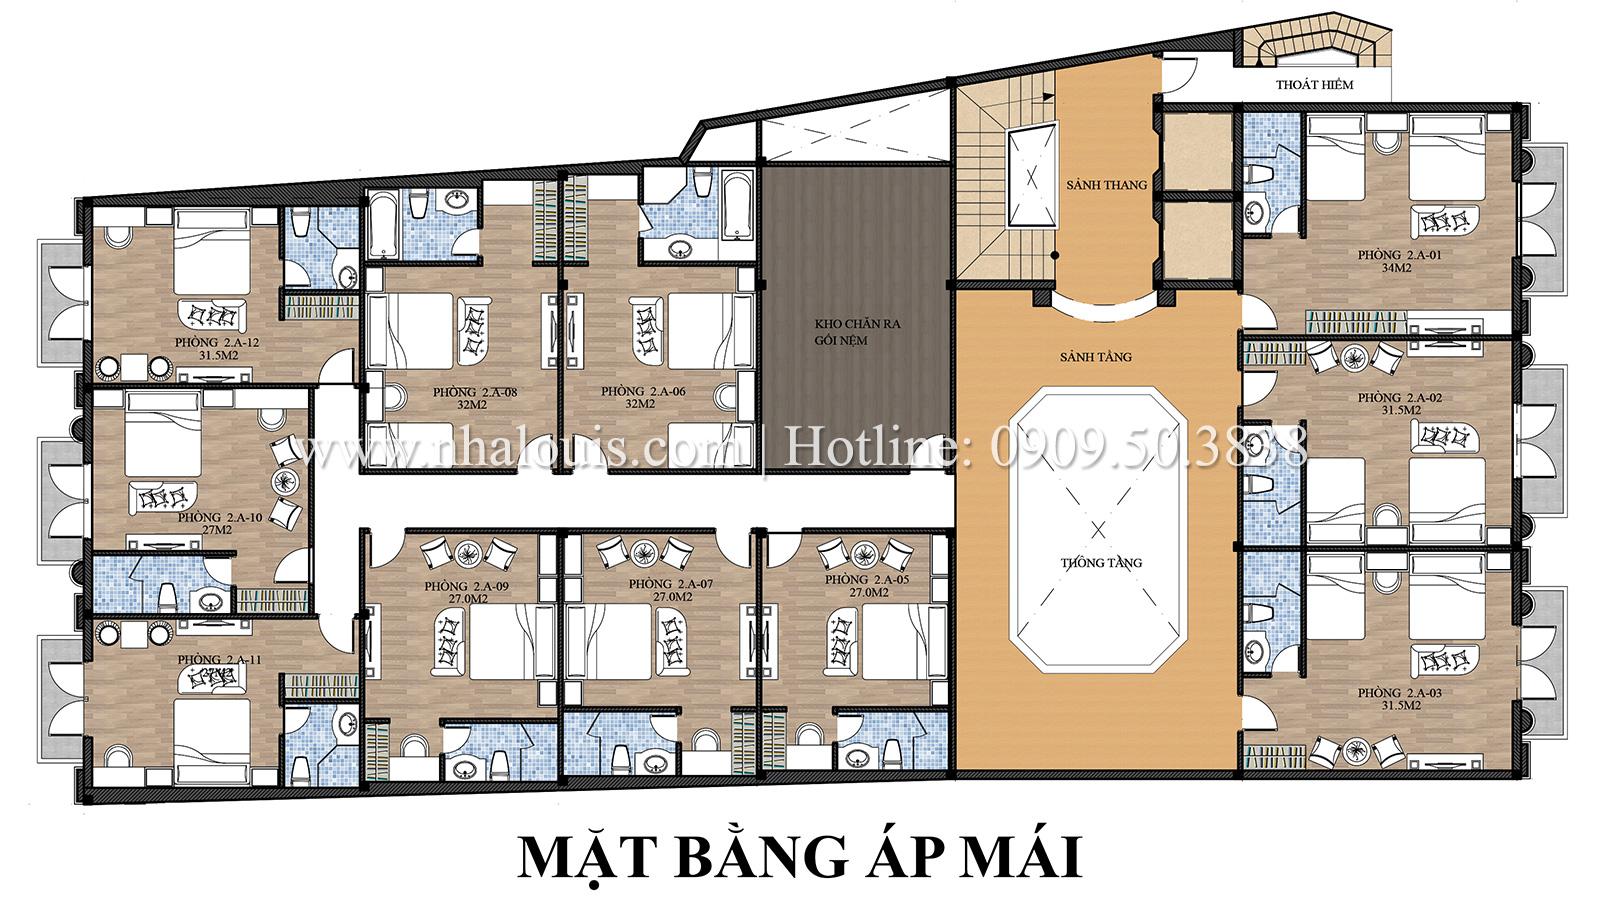 Mặt bằng tầng áp mái Mẫu khách sạn phong cách cổ điển kết hợp quán cafe tại An Giang - 08